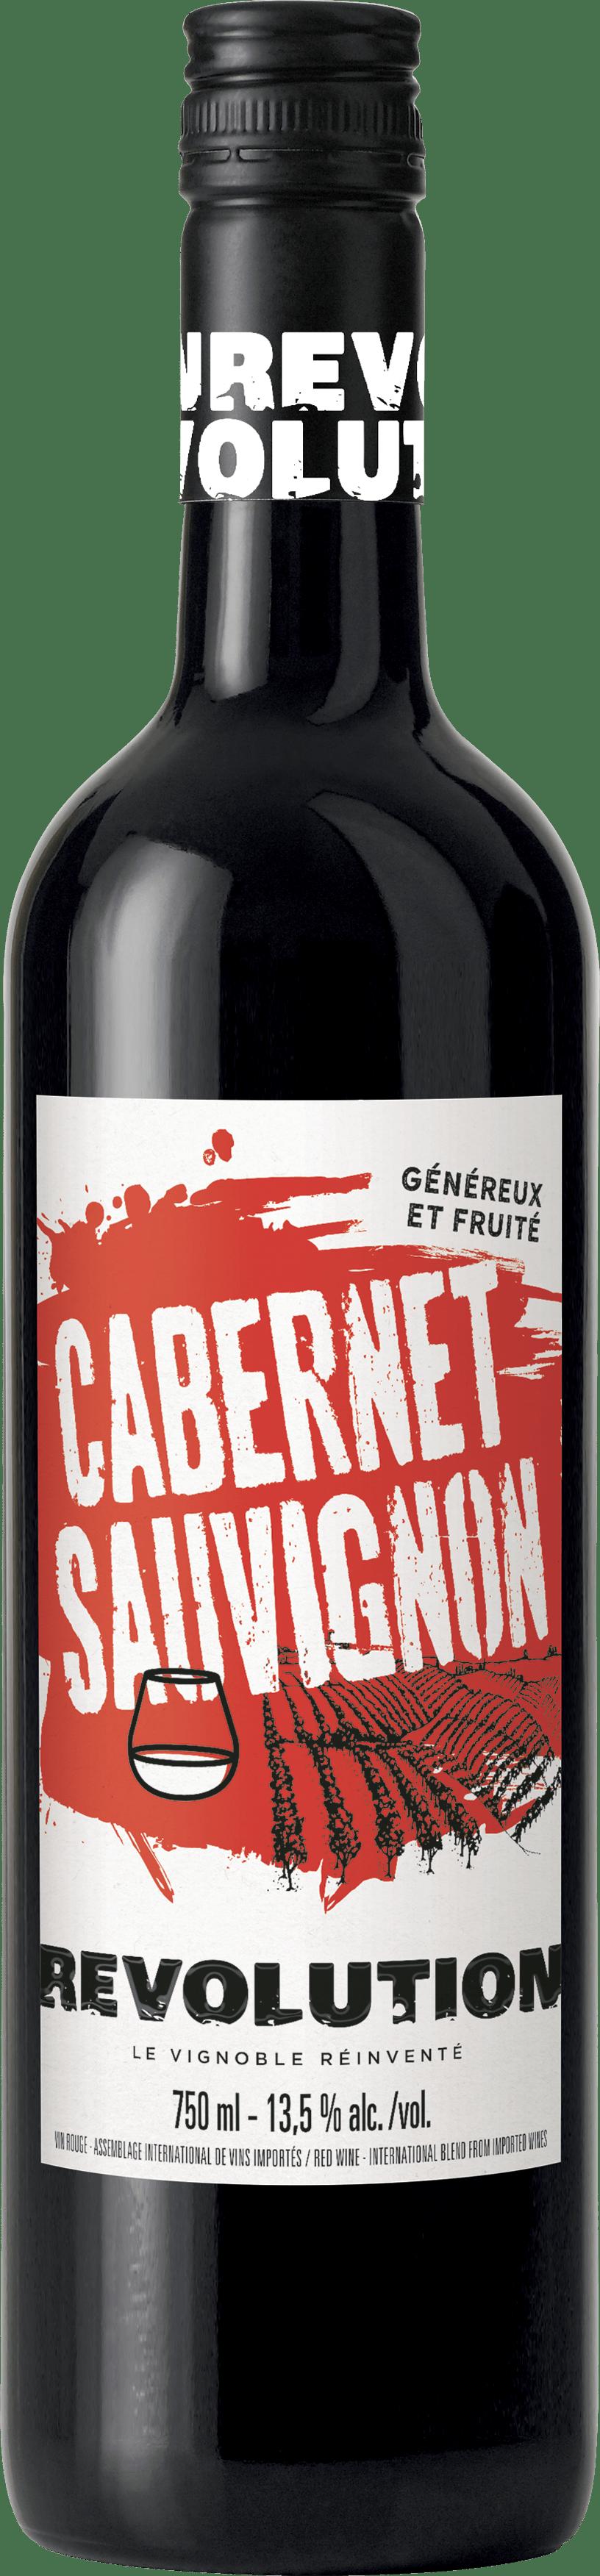 Revolution Cabernet Sauvignon